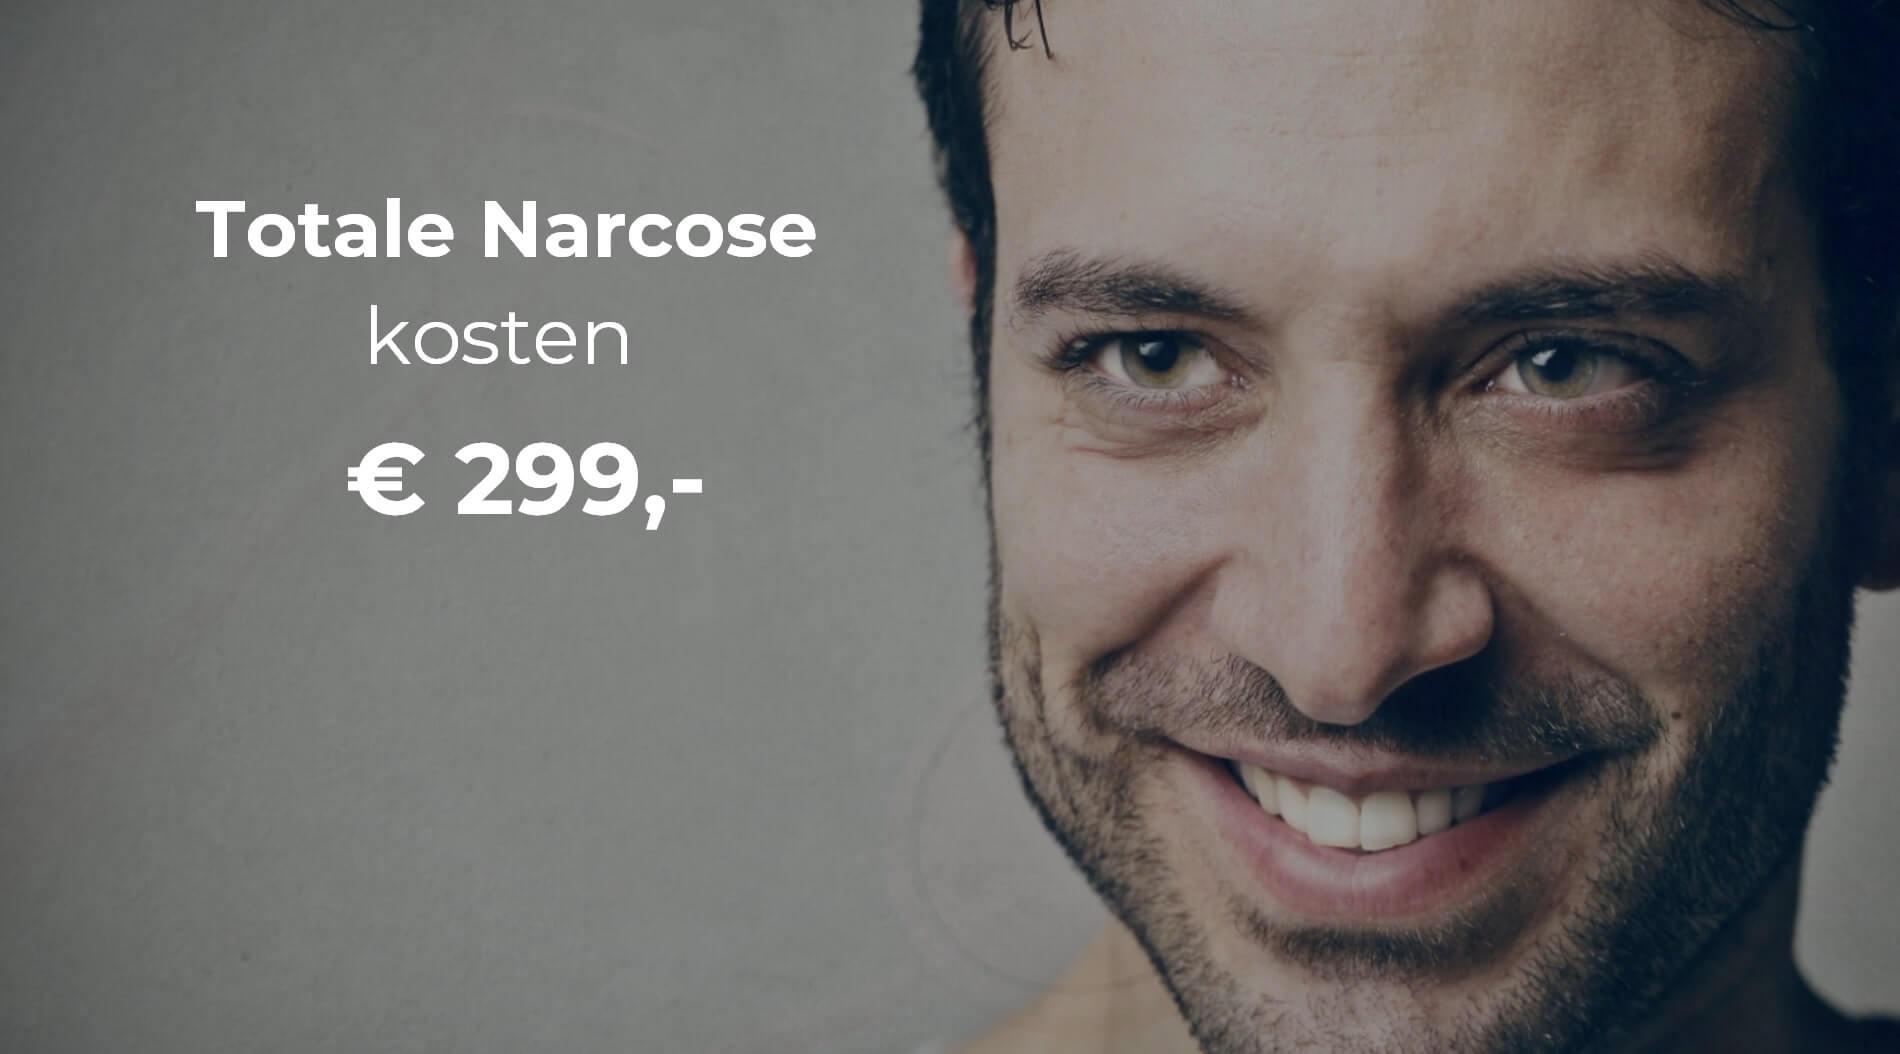 kunstgebit narcose 299 euro man met tekst aangepast min